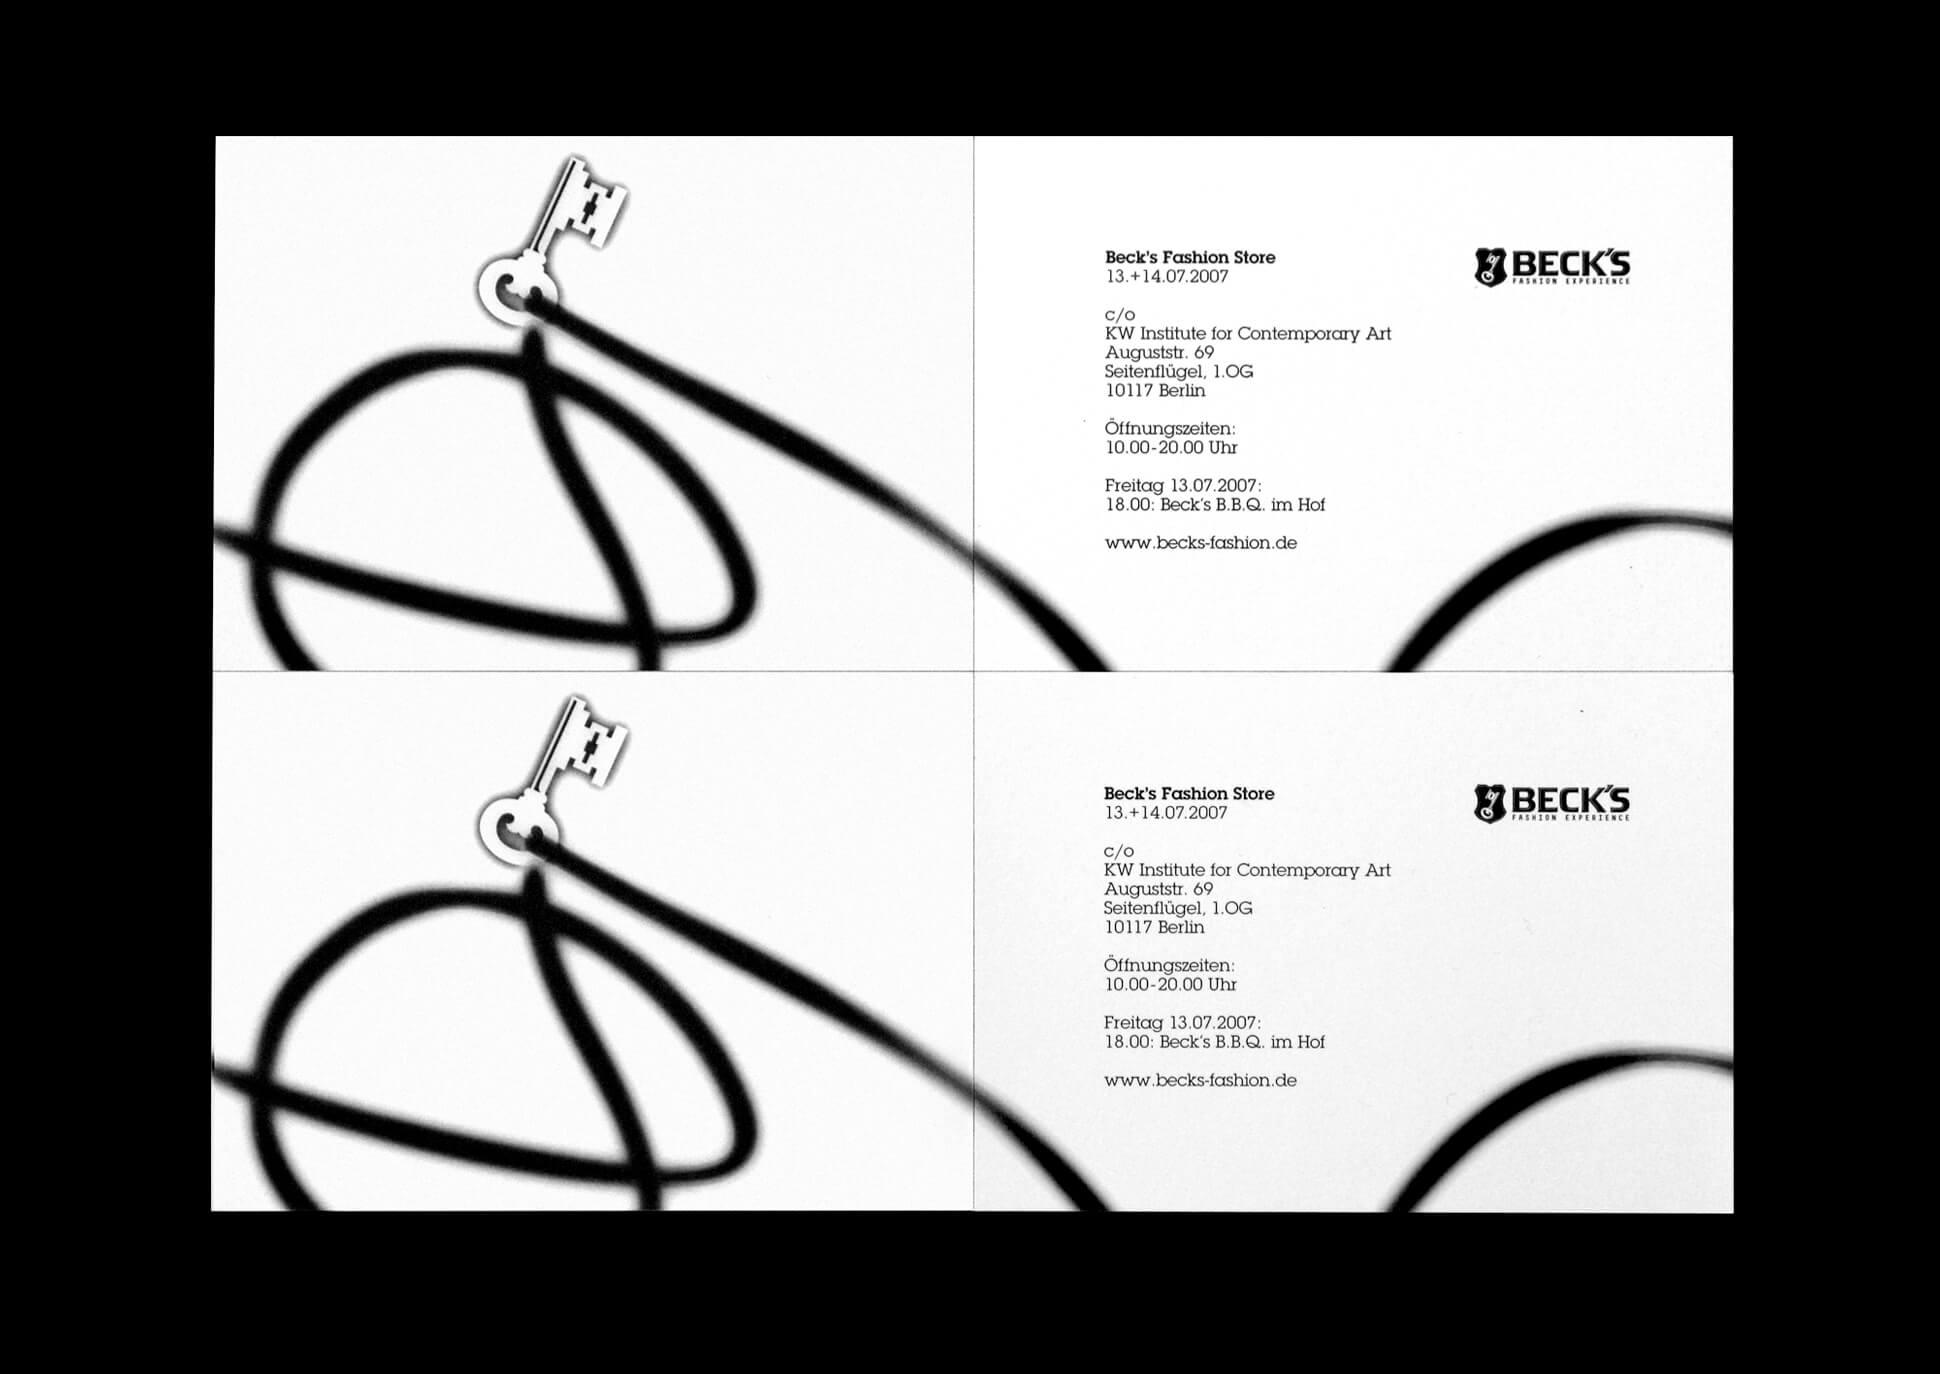 Becks-Fashion-Show-Invite-001